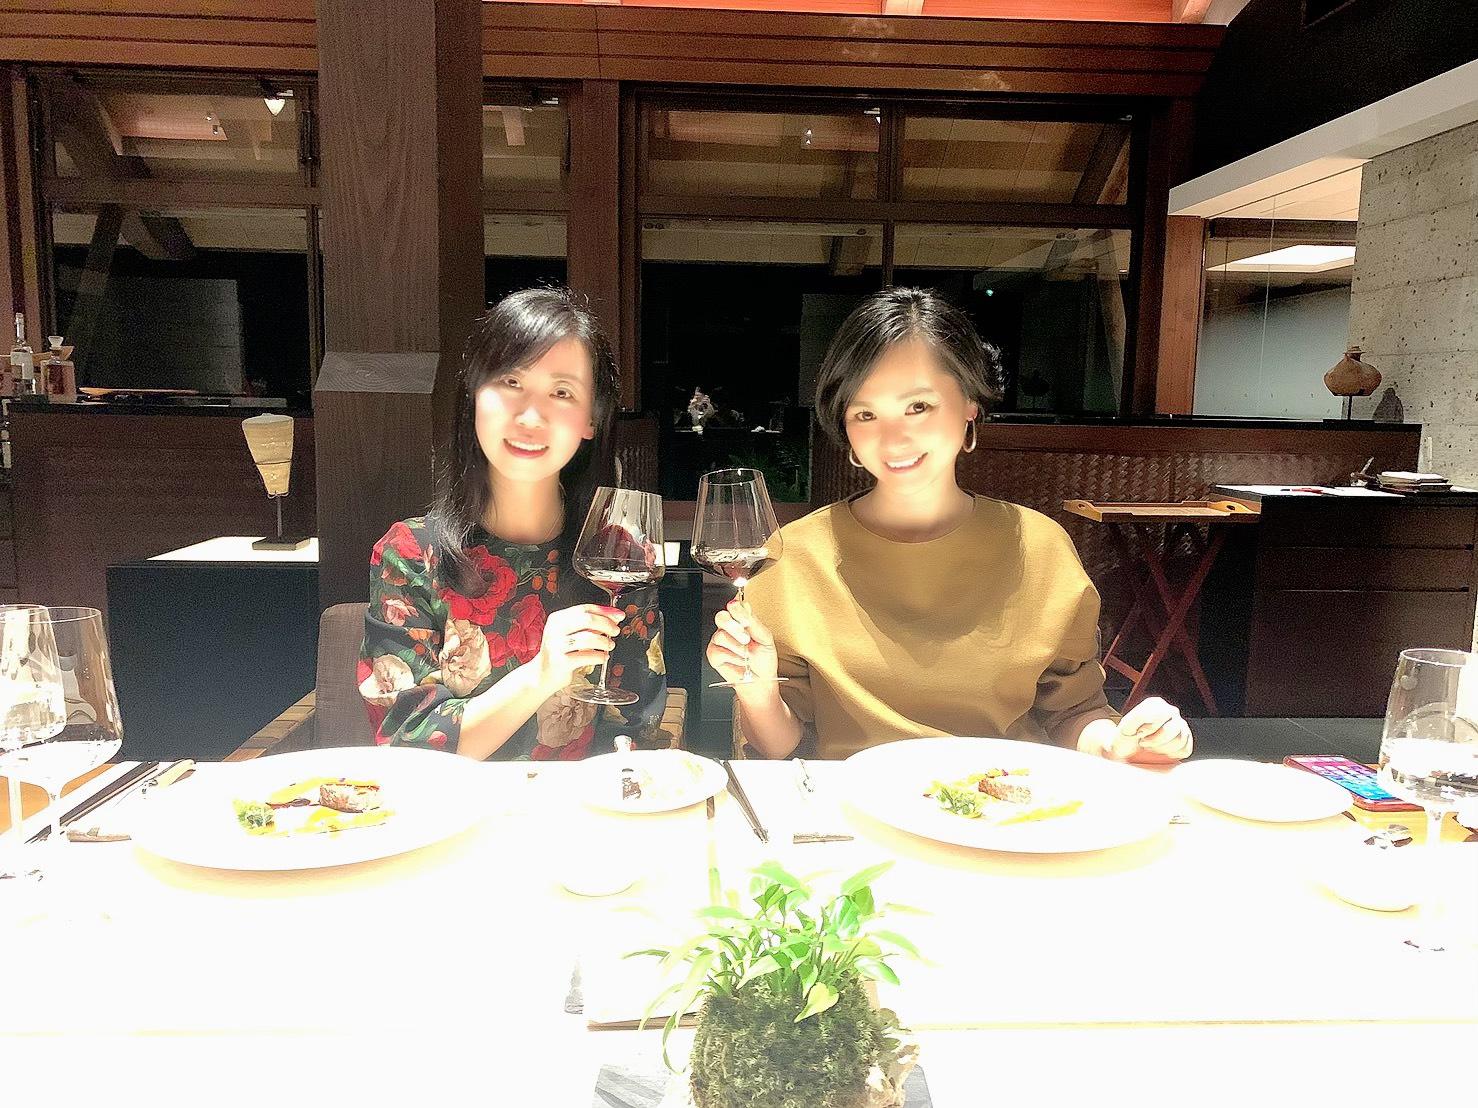 屋久島サンカラホテルでディナー2020-12